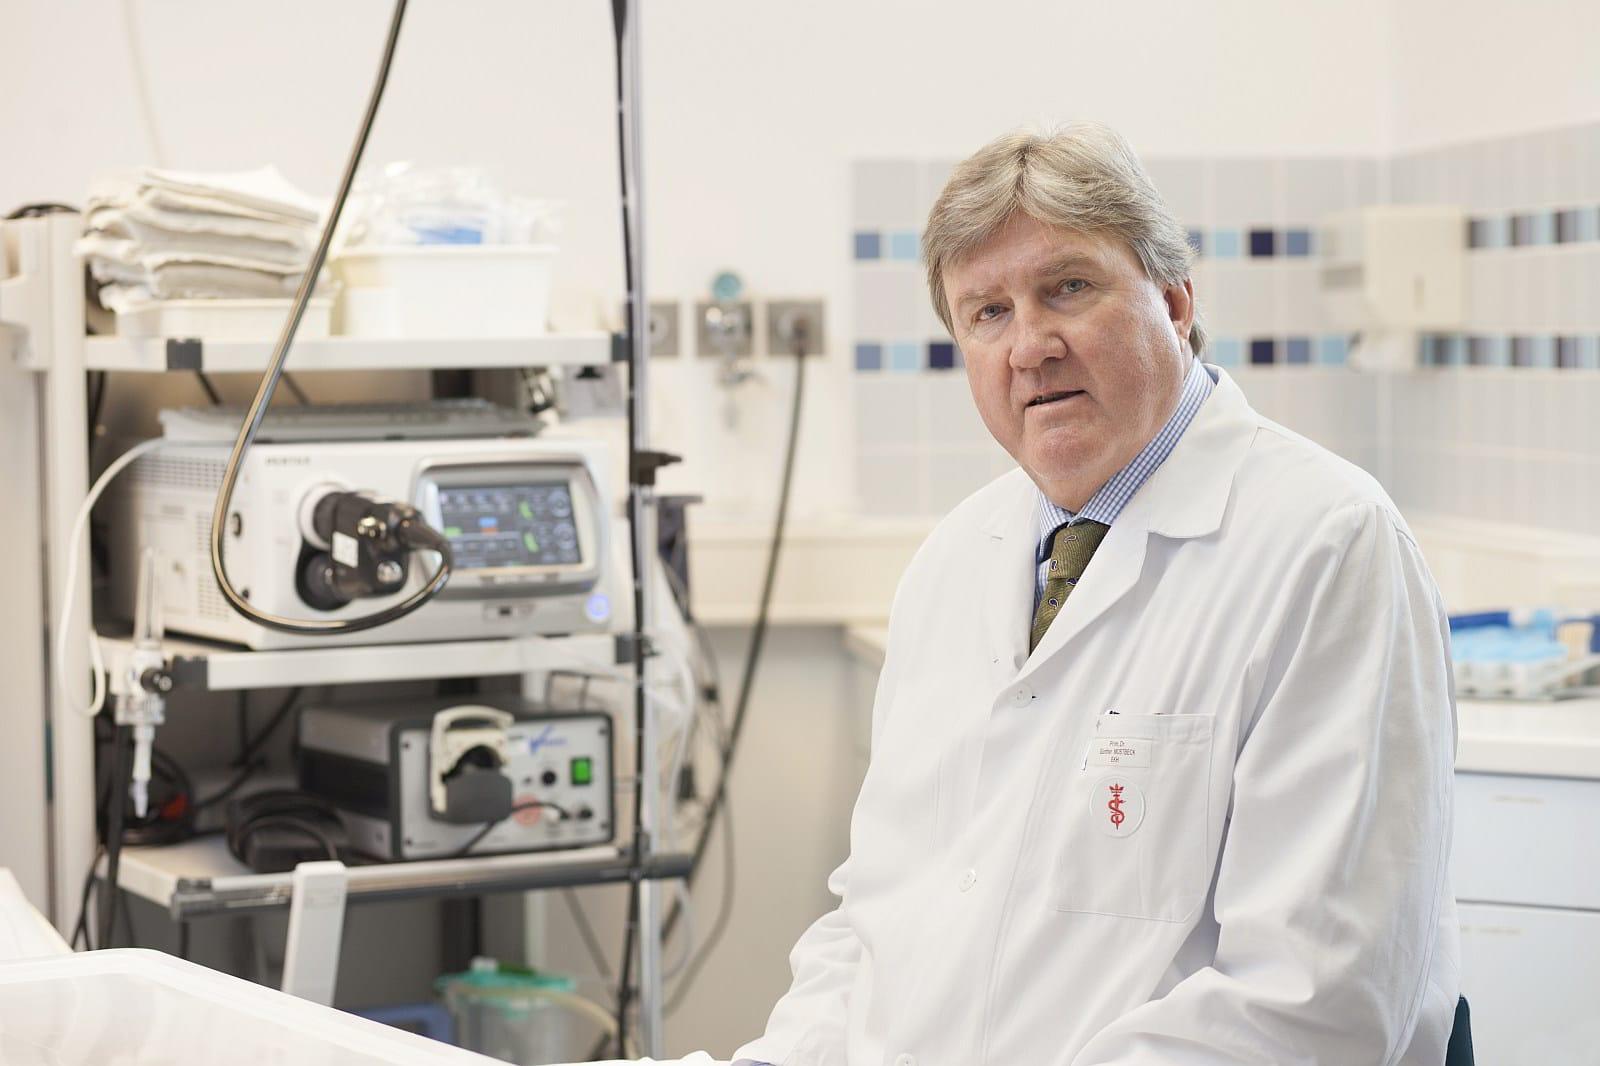 primarius-dr-guenther-mostbeck-internist-gastroenterologe-wien-evangelisches-krankenhaus3.jpg